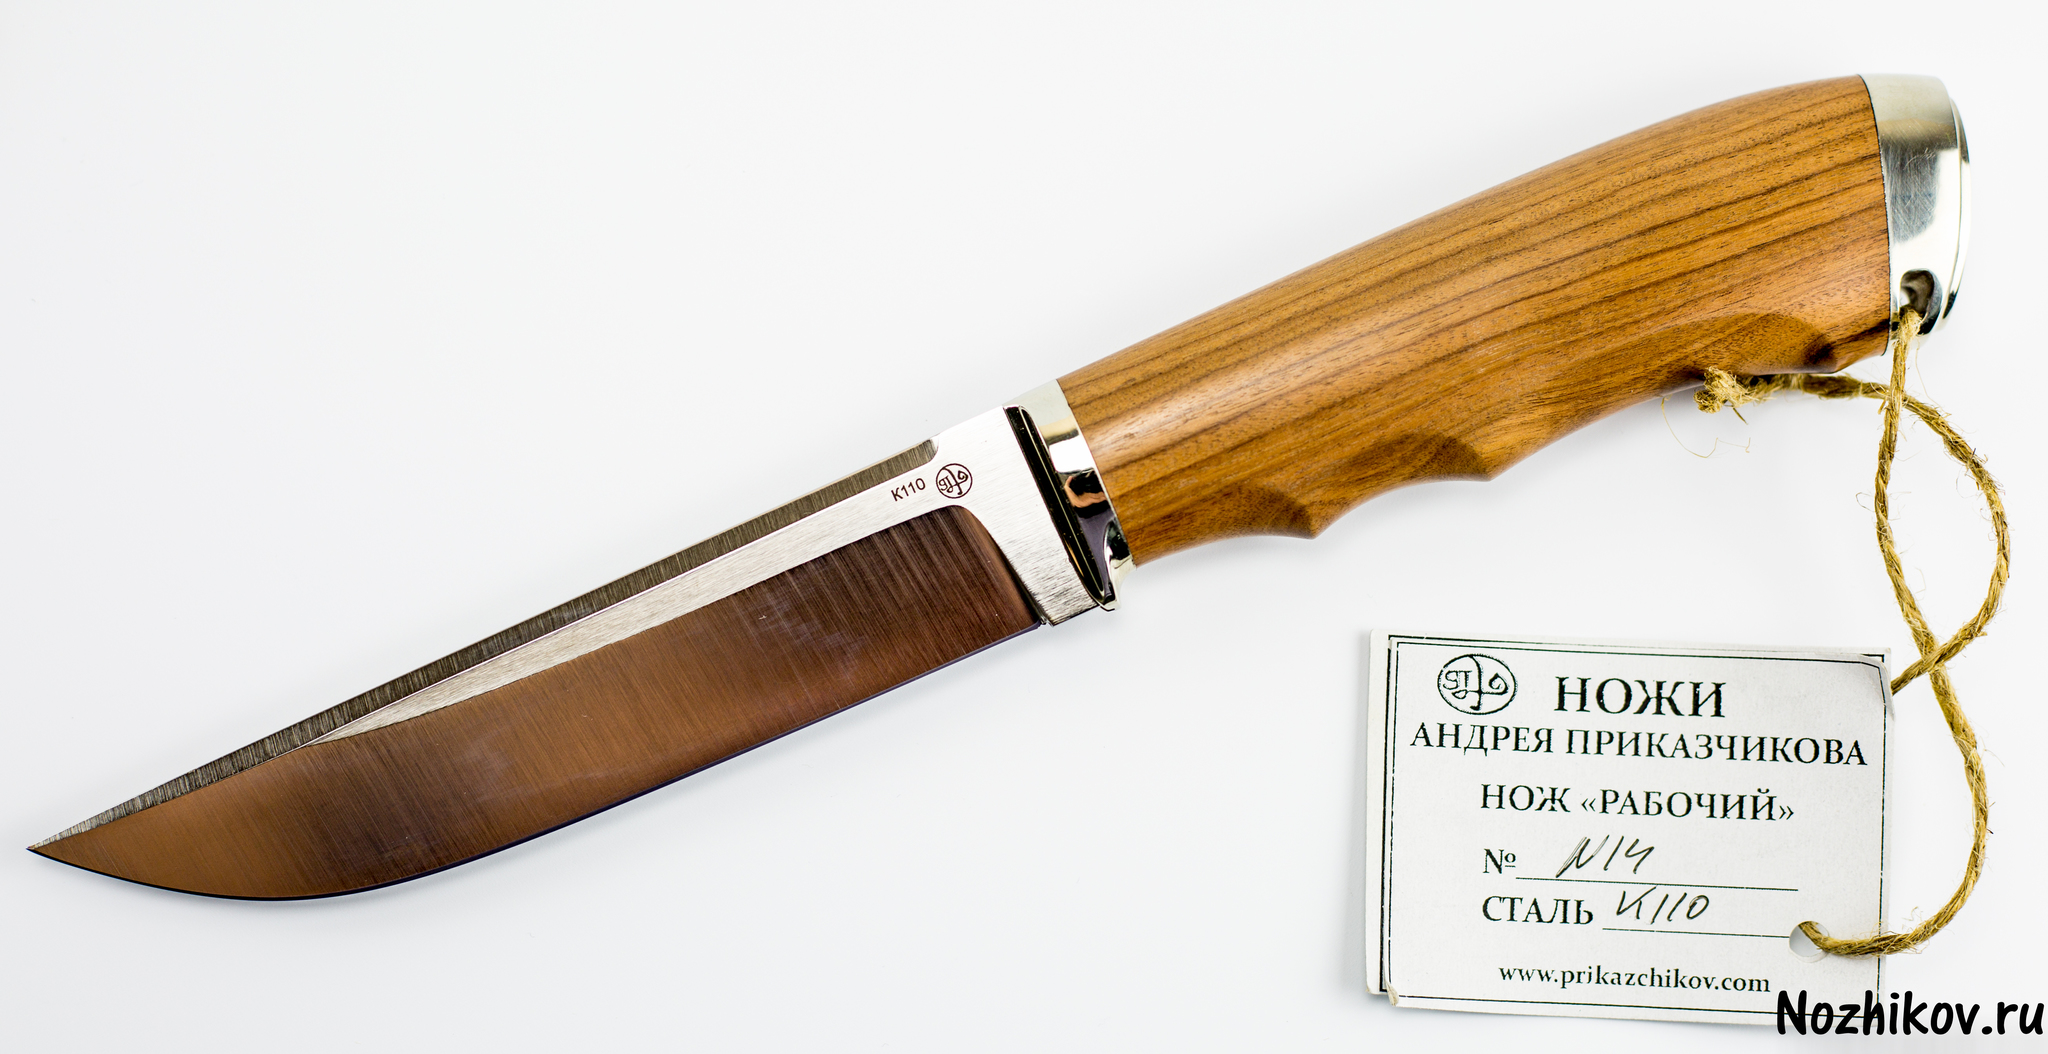 Нож Рабочий №14 из K110, от ПриказчиковаНожи Павлово<br><br>